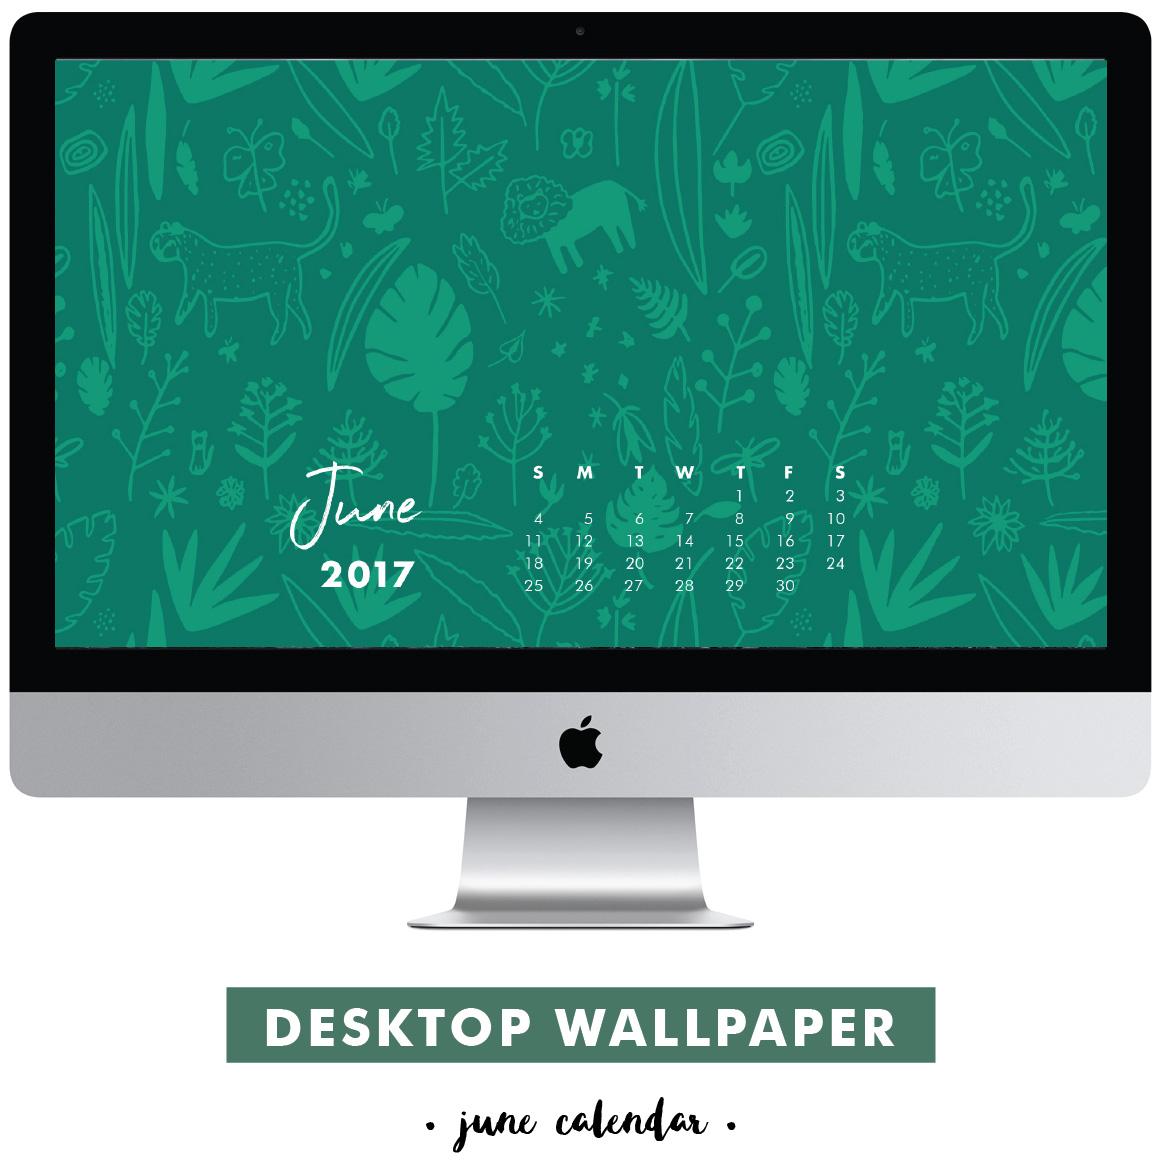 WALLPAPER June 2017 Erika Firm 1162x1164